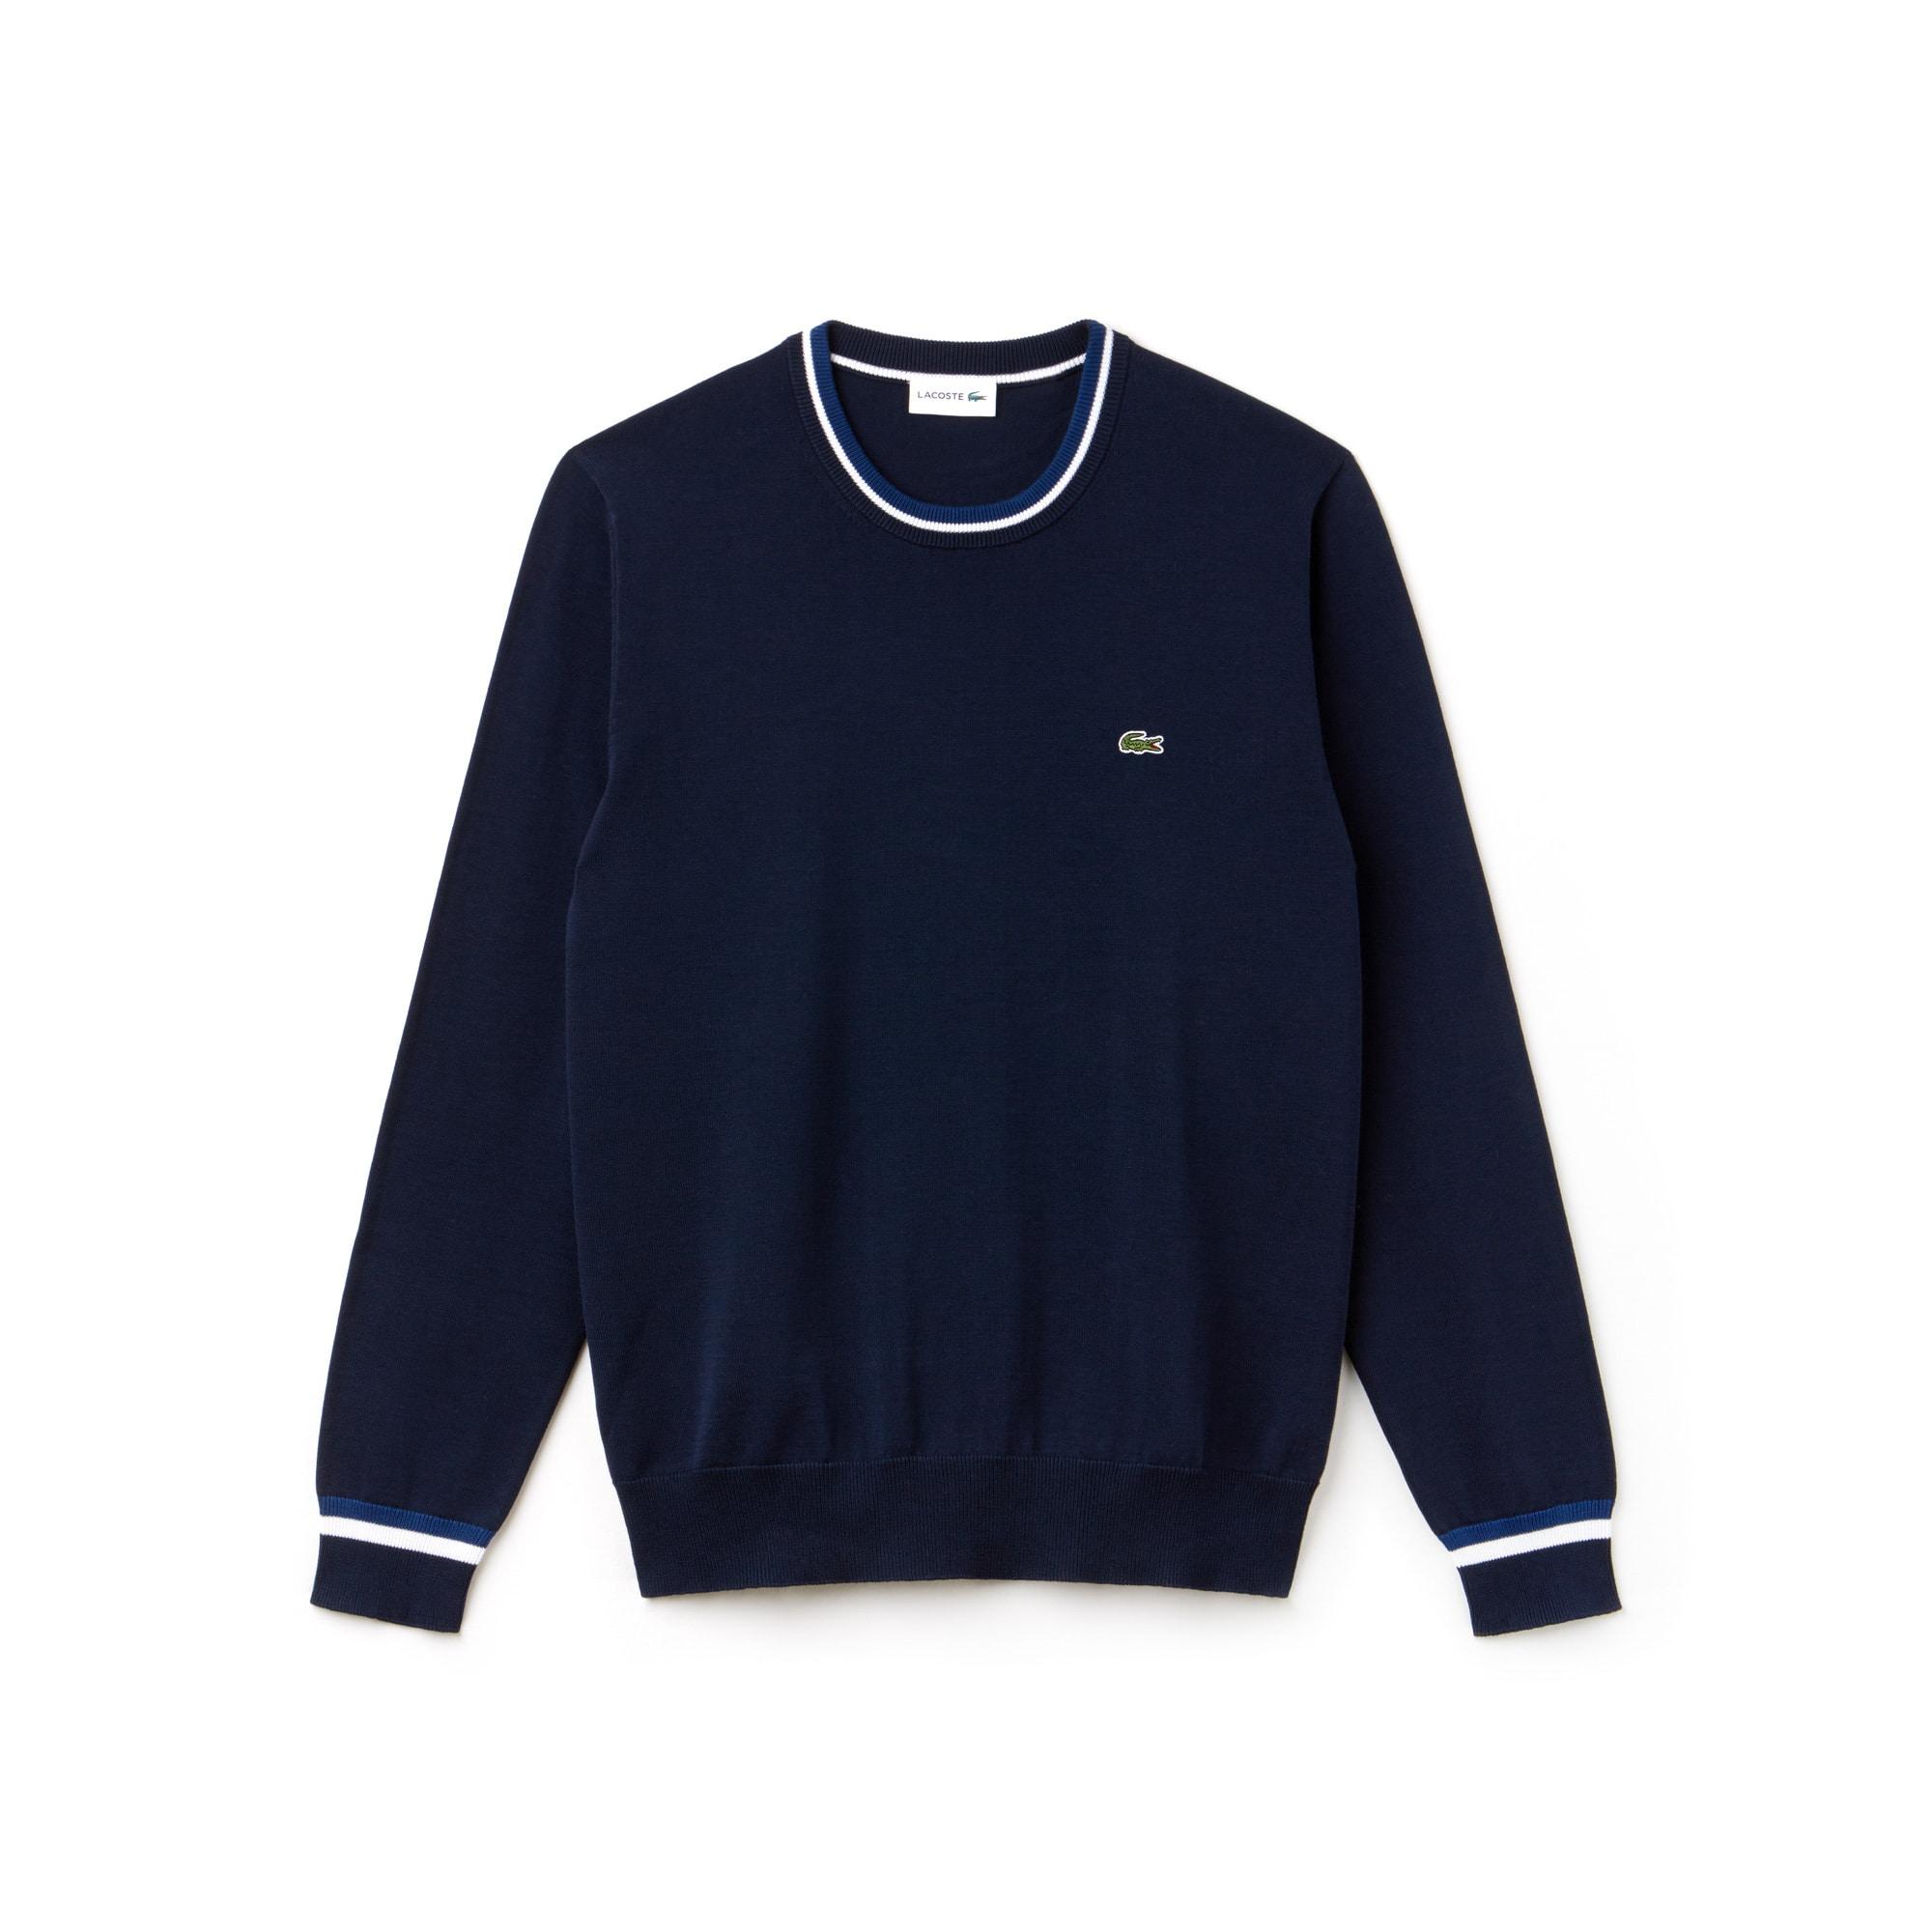 Camisola com decote redondo em jersey de algodão Pima com pormenores a contrastar